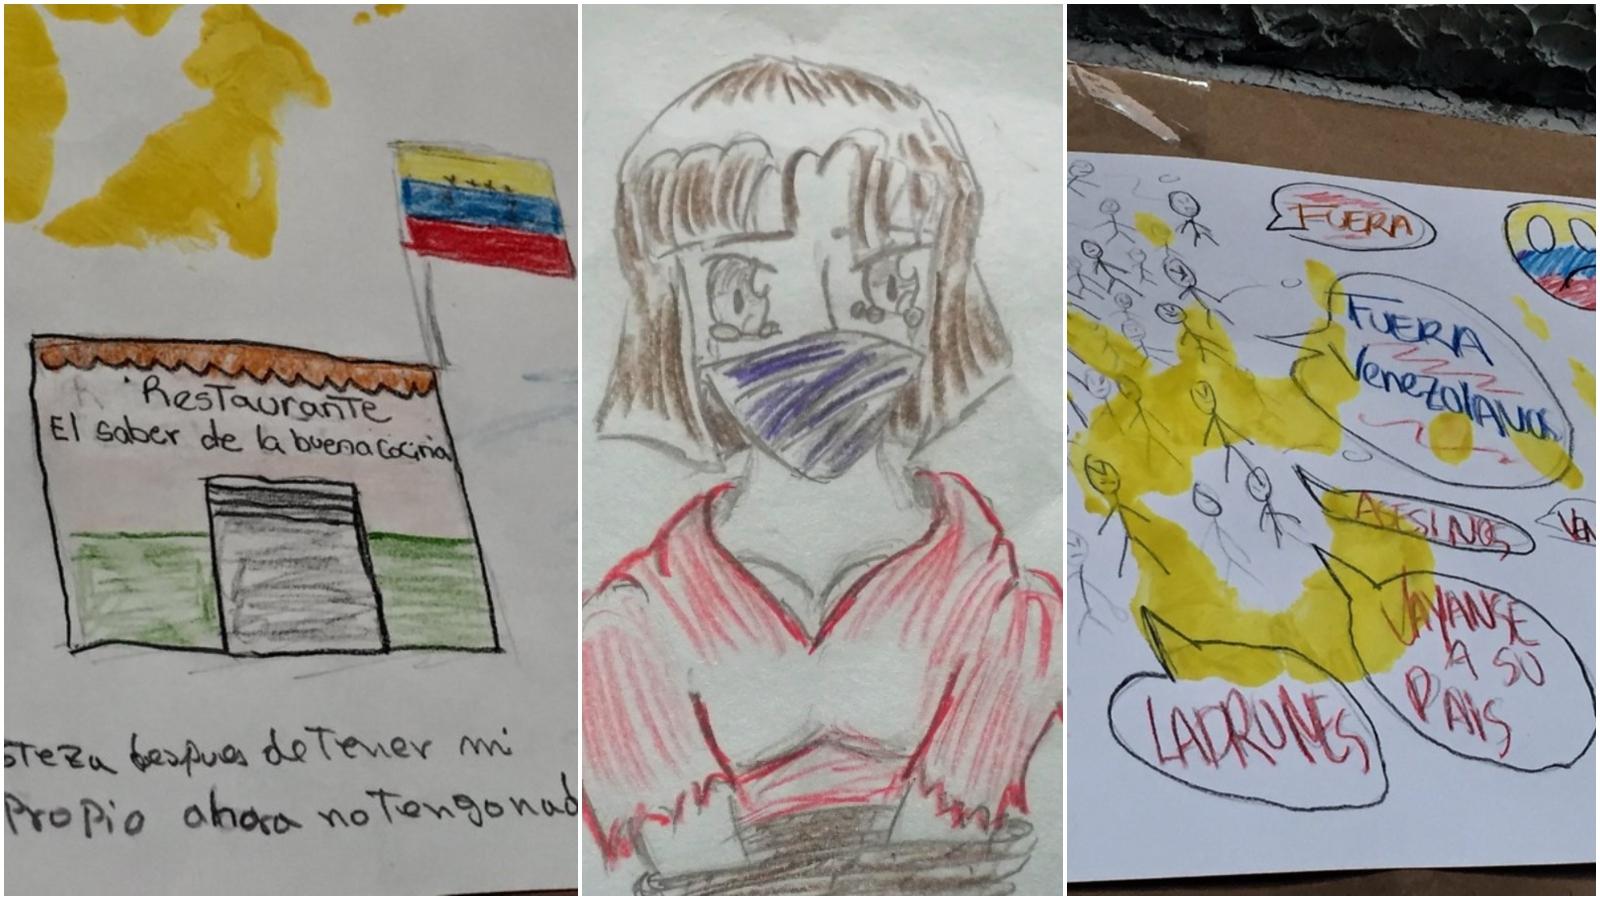 Así dibujan los venezolanos su experiencia como migrantes